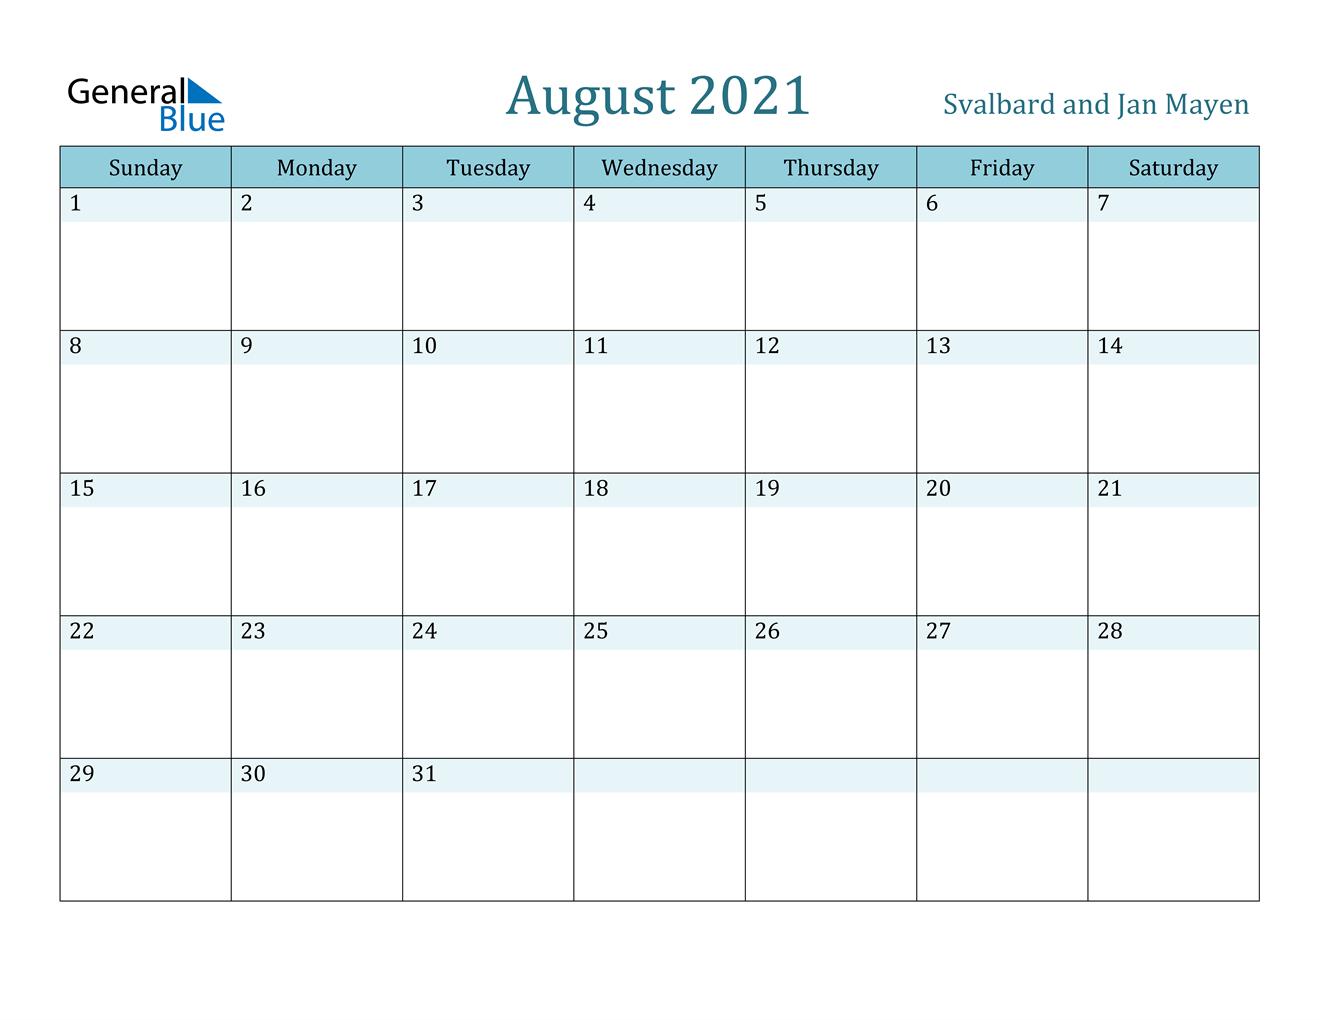 August 2021 Calendar Svalbard And Jan Mayen